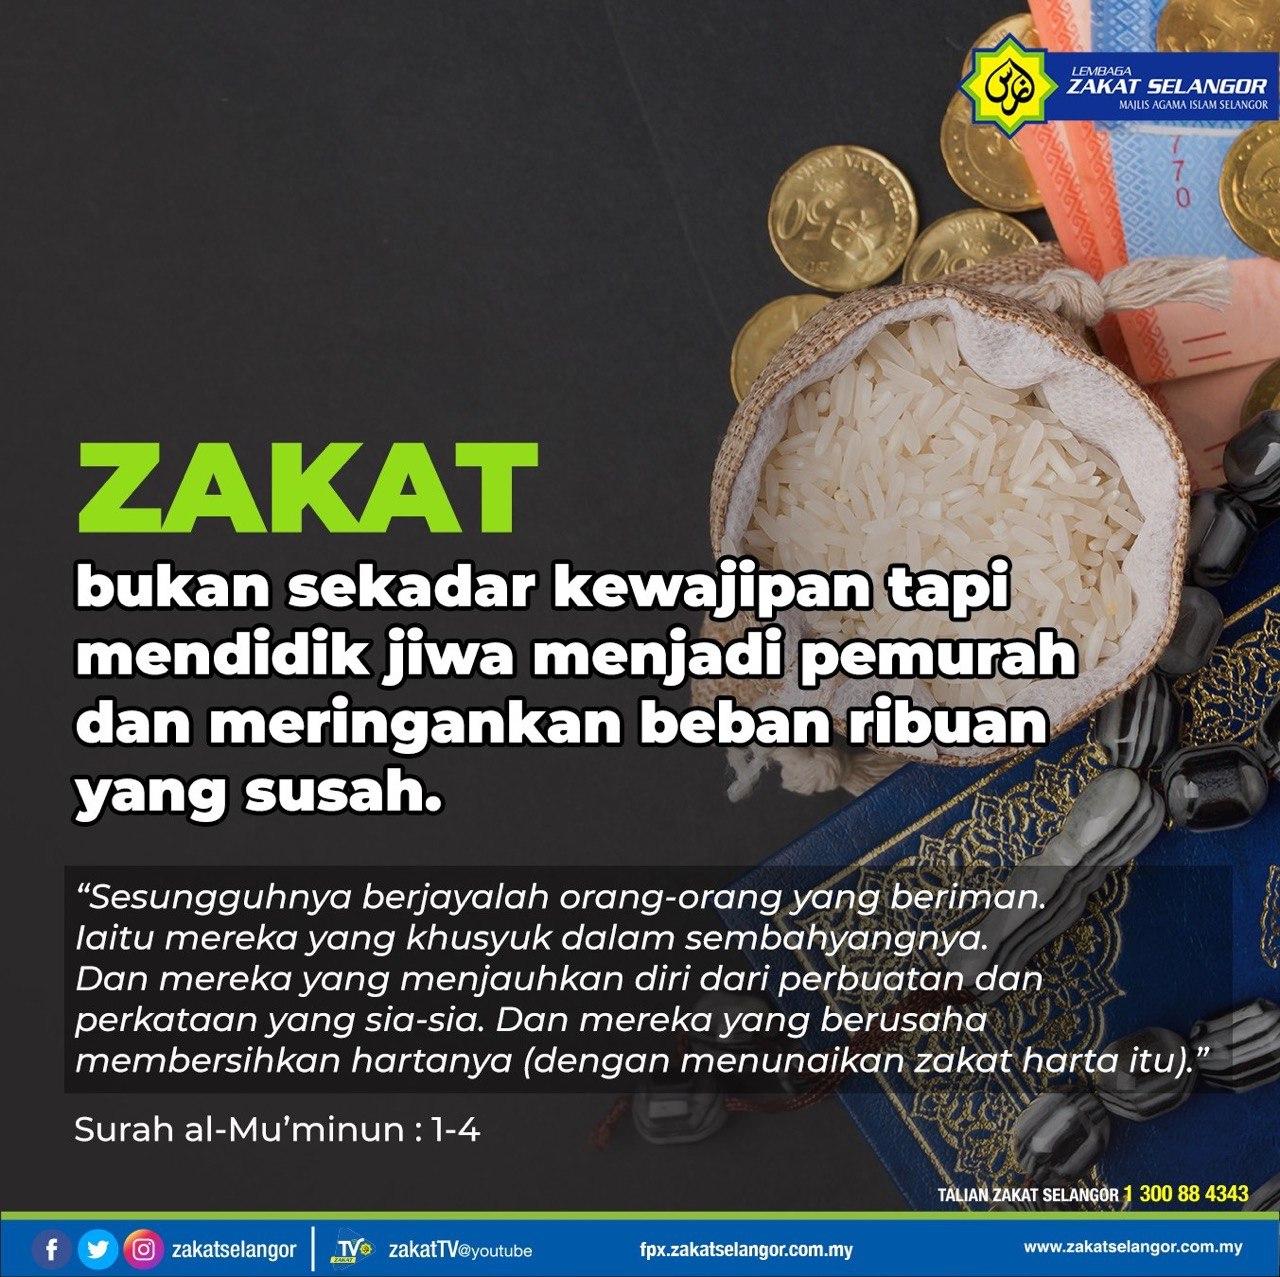 KWSP Kena Zakat?